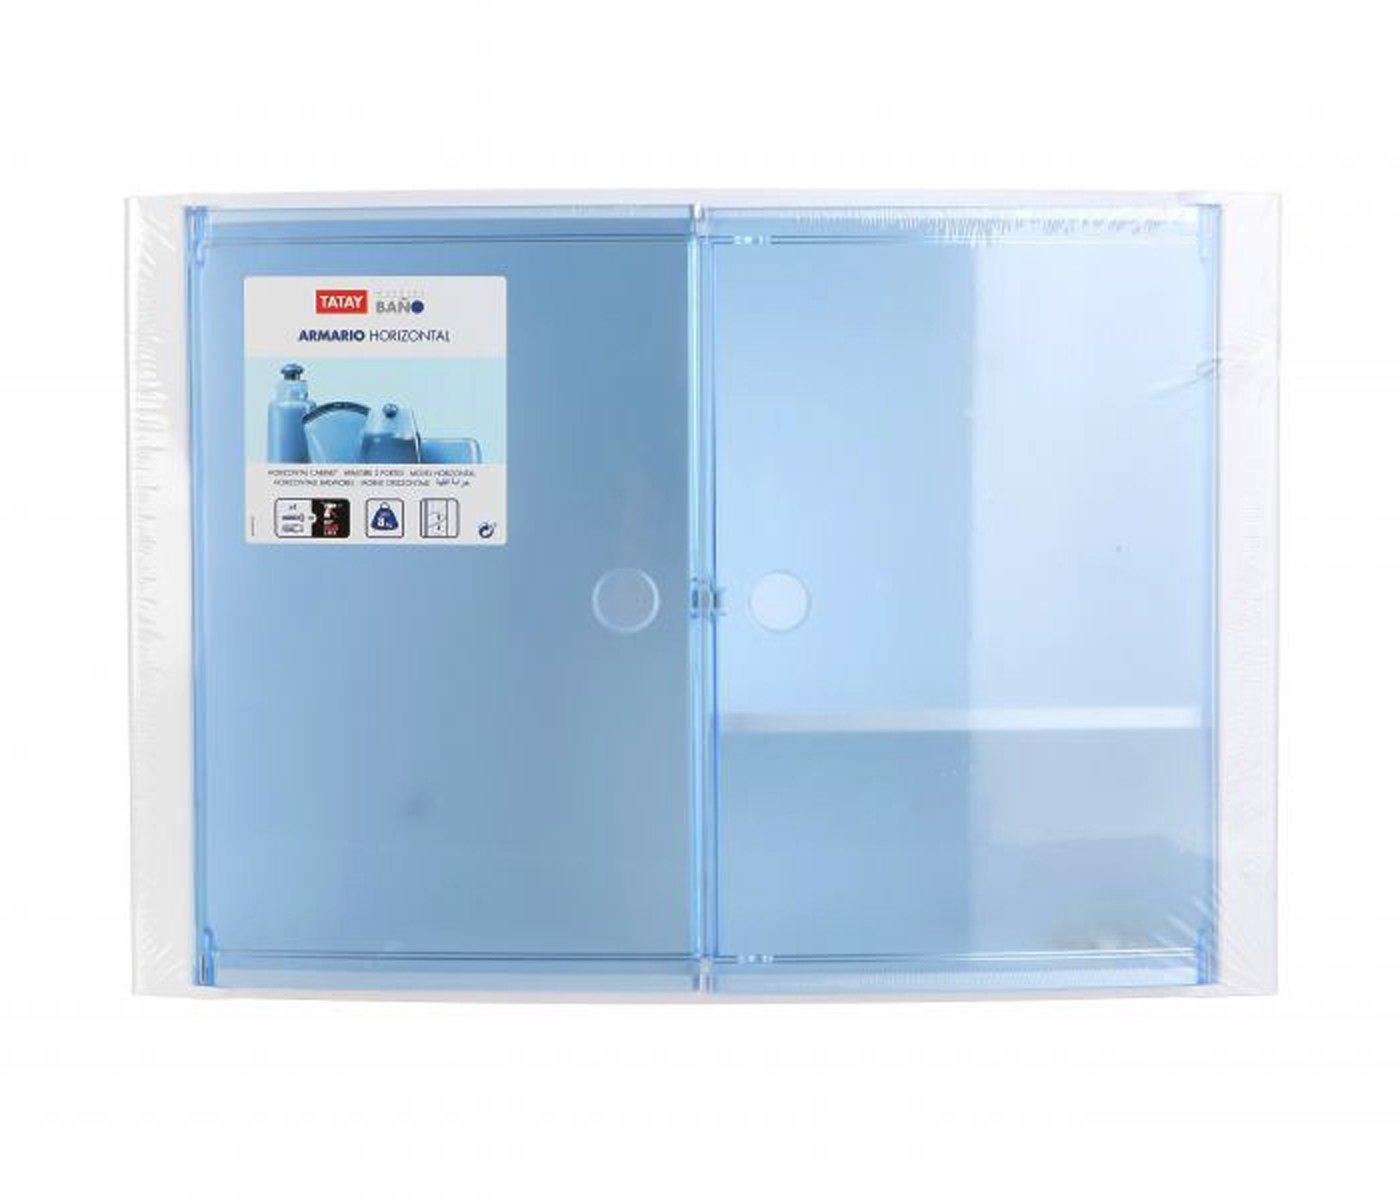 46x15.5x32 cm Tatay 4480200 Armario de Ba/ño Horizontal Azul Pl/ástico y Polipropileno